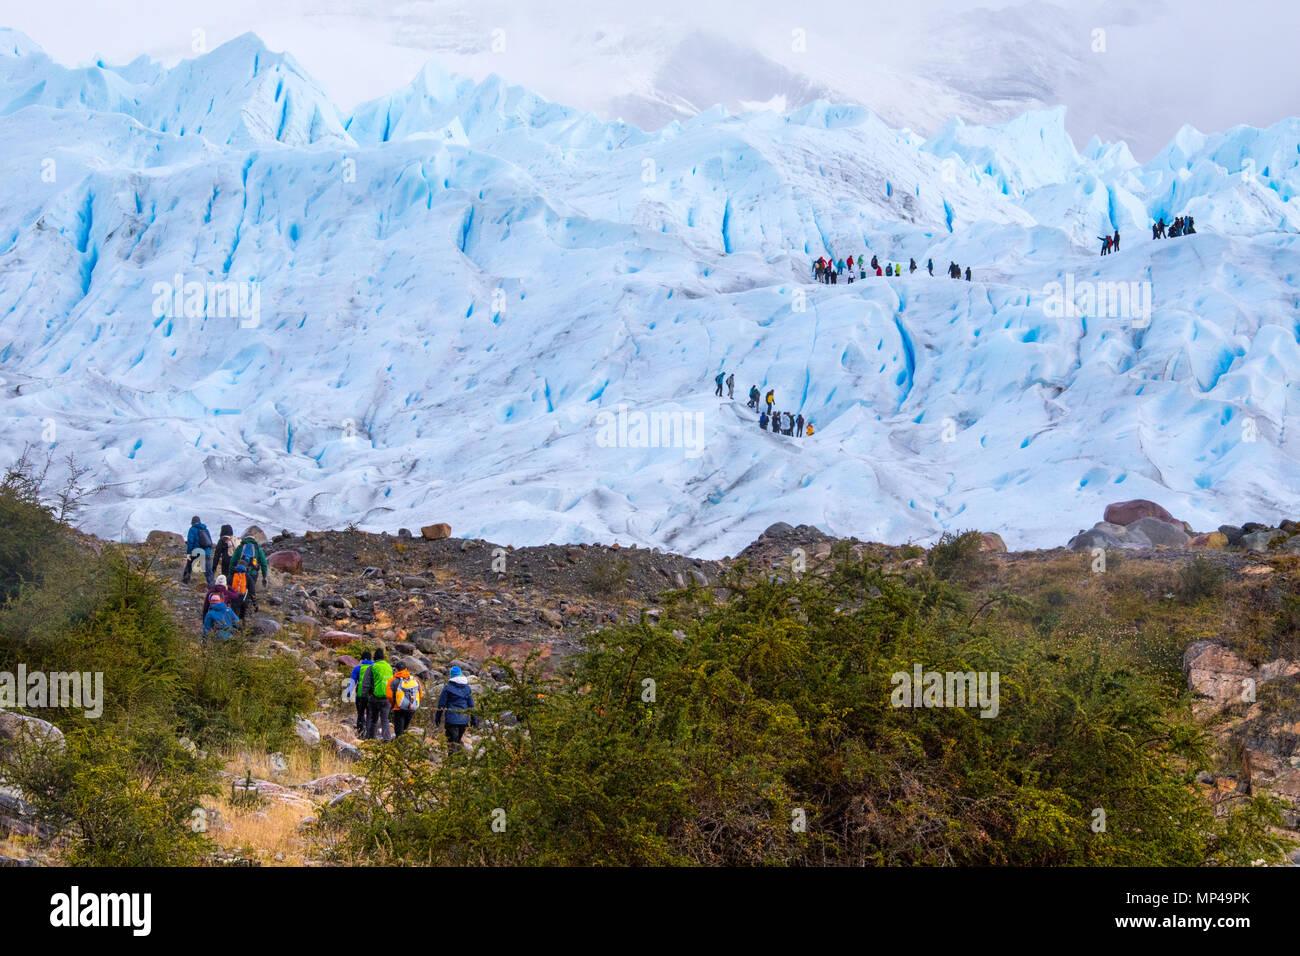 Tours caminatas al Glaciar Perito Moreno, Parque Nacional Los Glaciares, Argentina Imagen De Stock